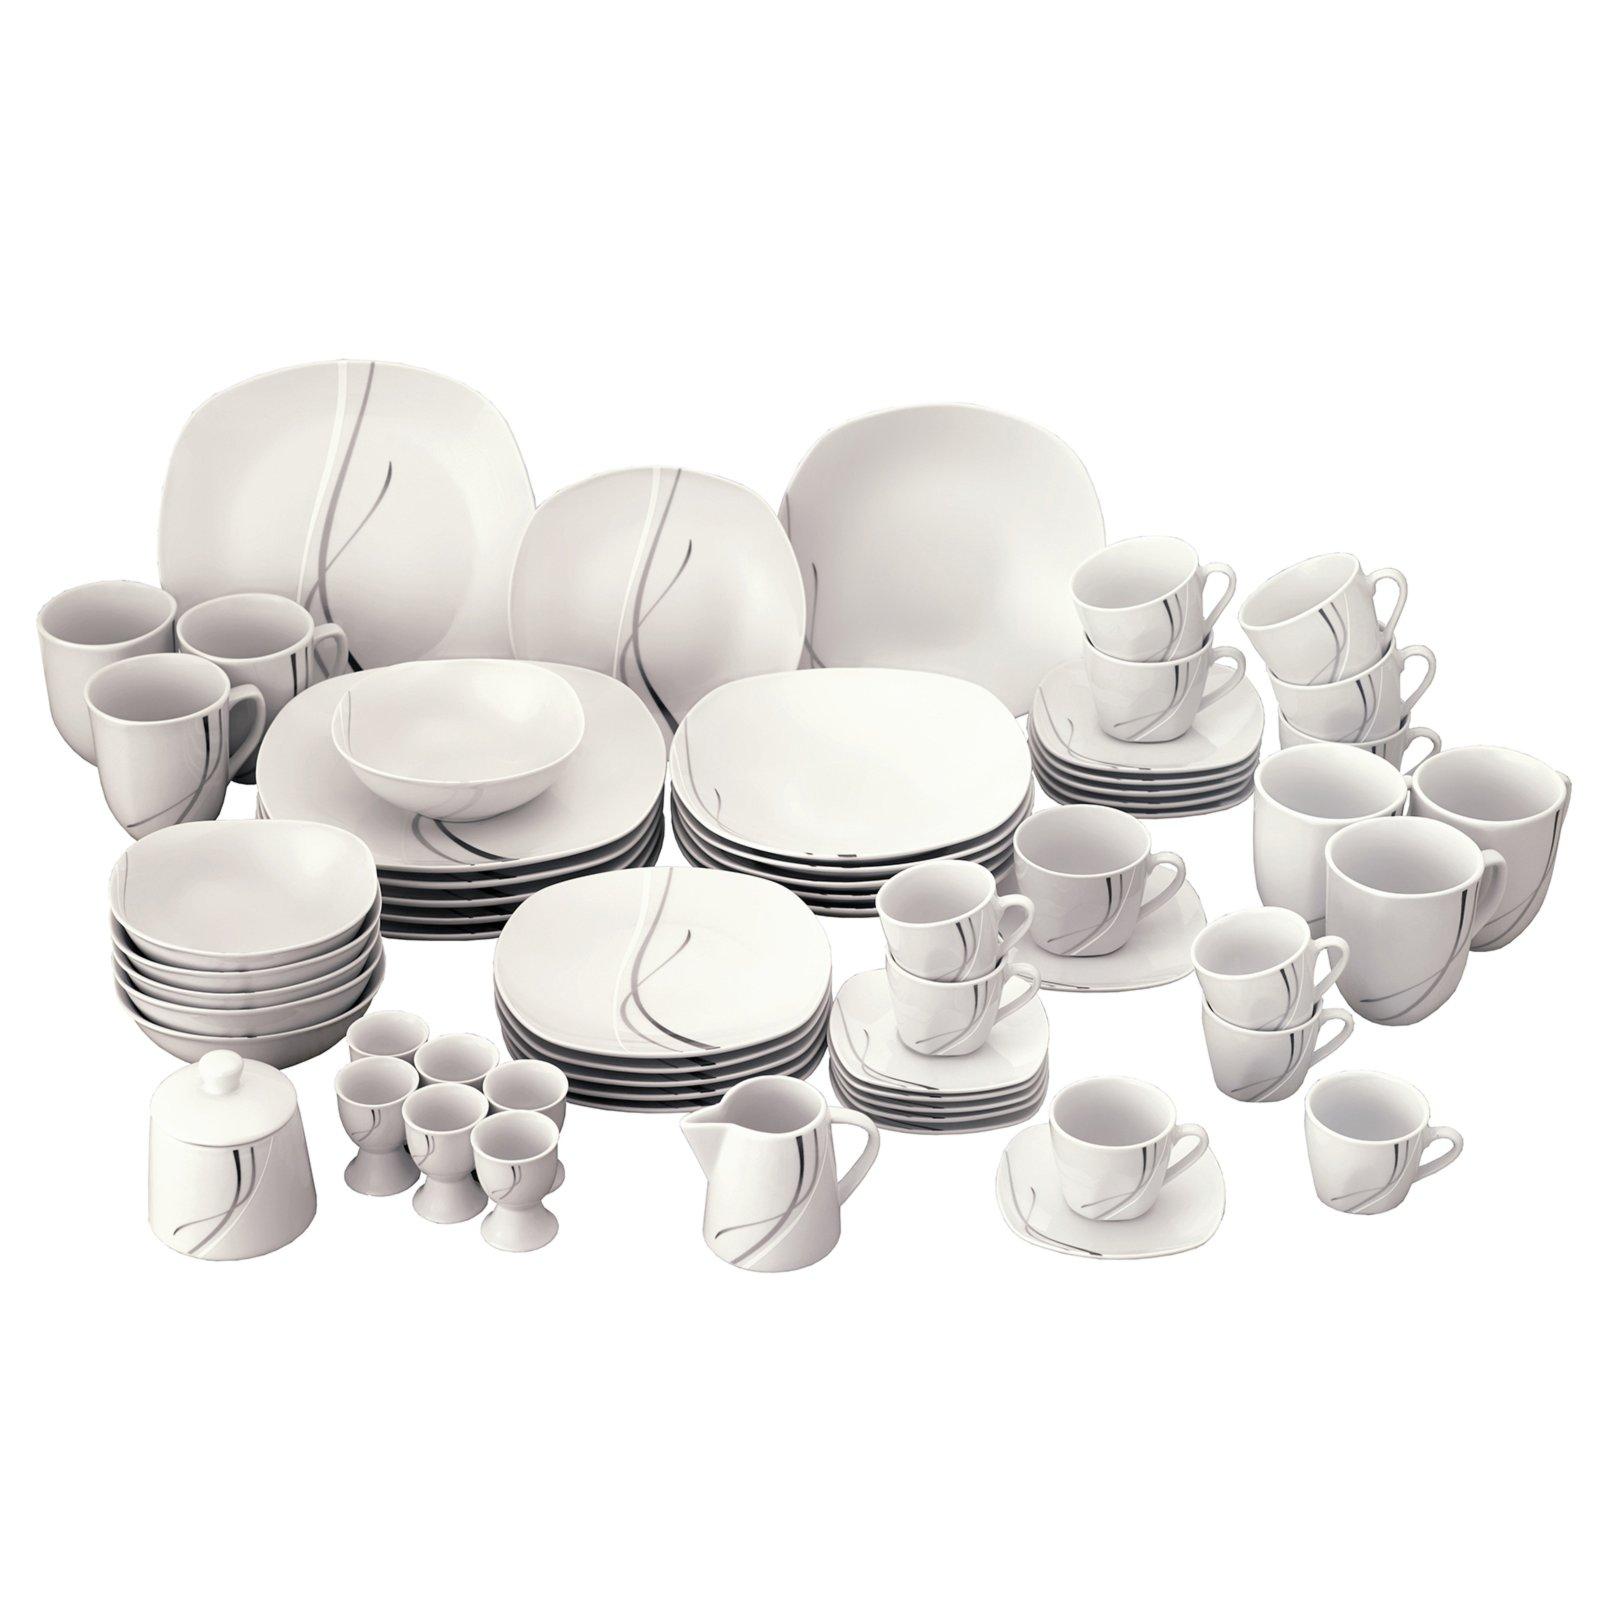 62 teiliges porzellan tafelservice silver night geschirr. Black Bedroom Furniture Sets. Home Design Ideas